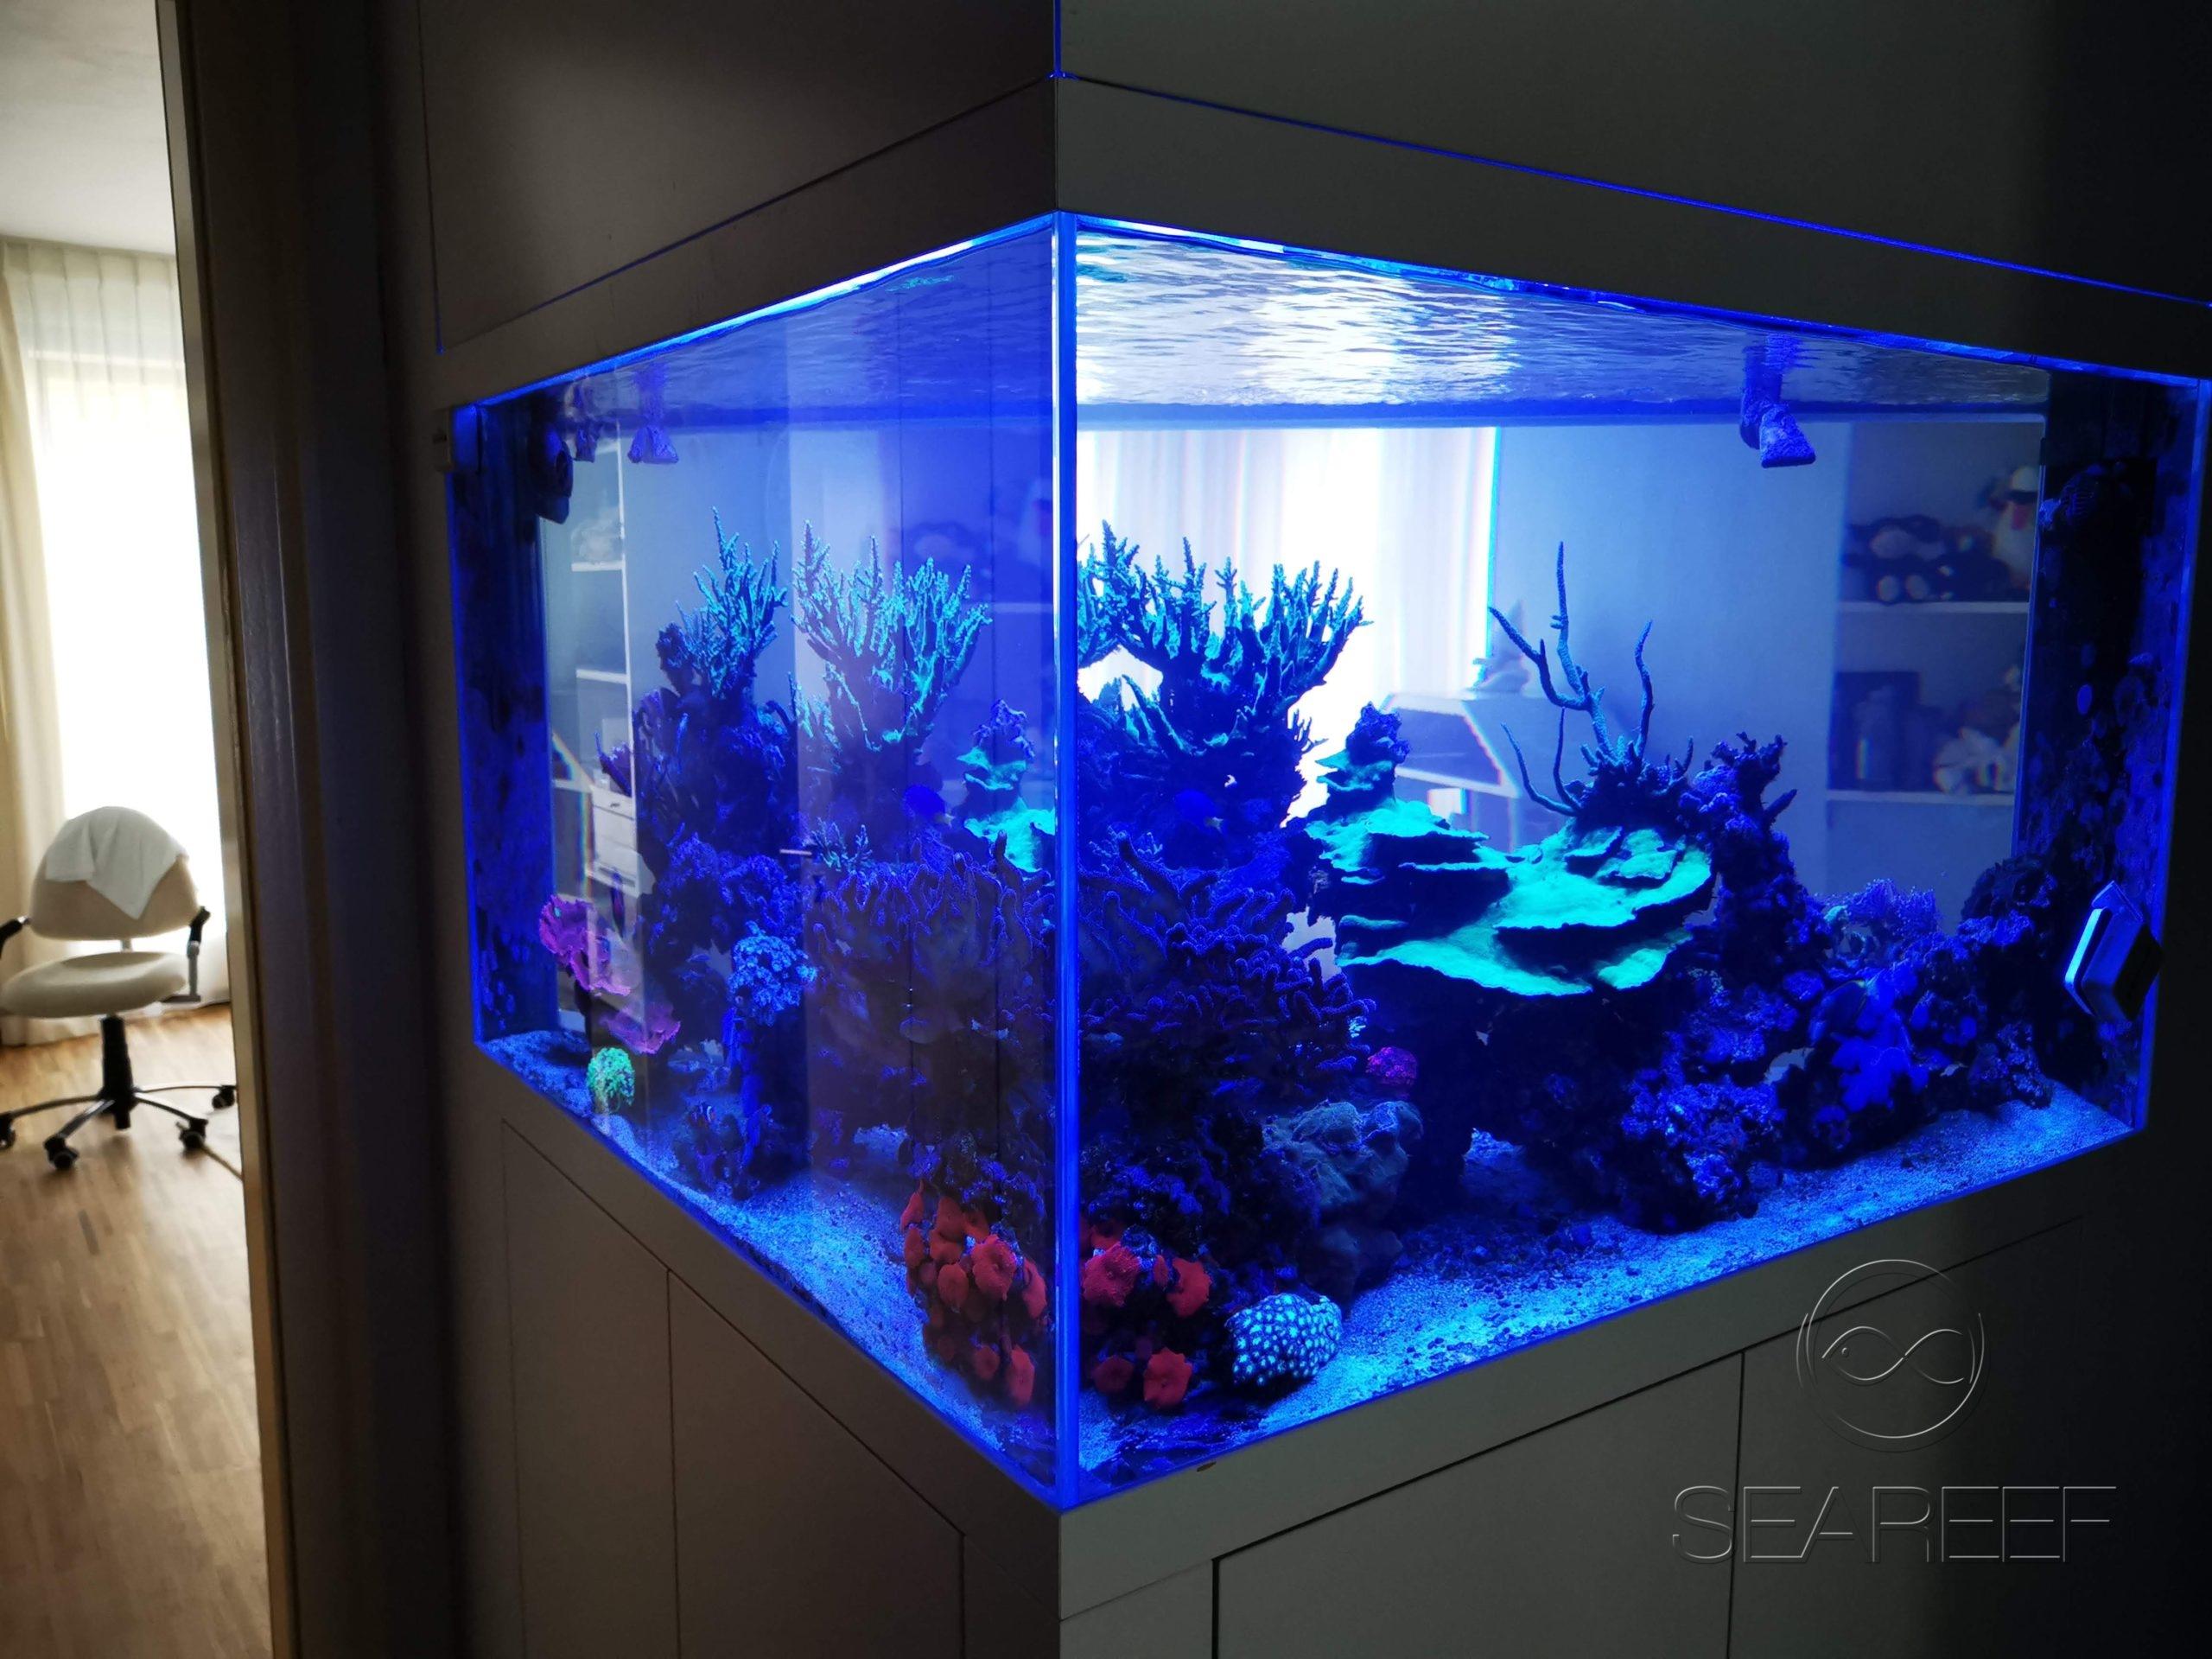 Mořské akvárium na míru doplňující design interiéru bytu obsahující korály a útesové ryby.